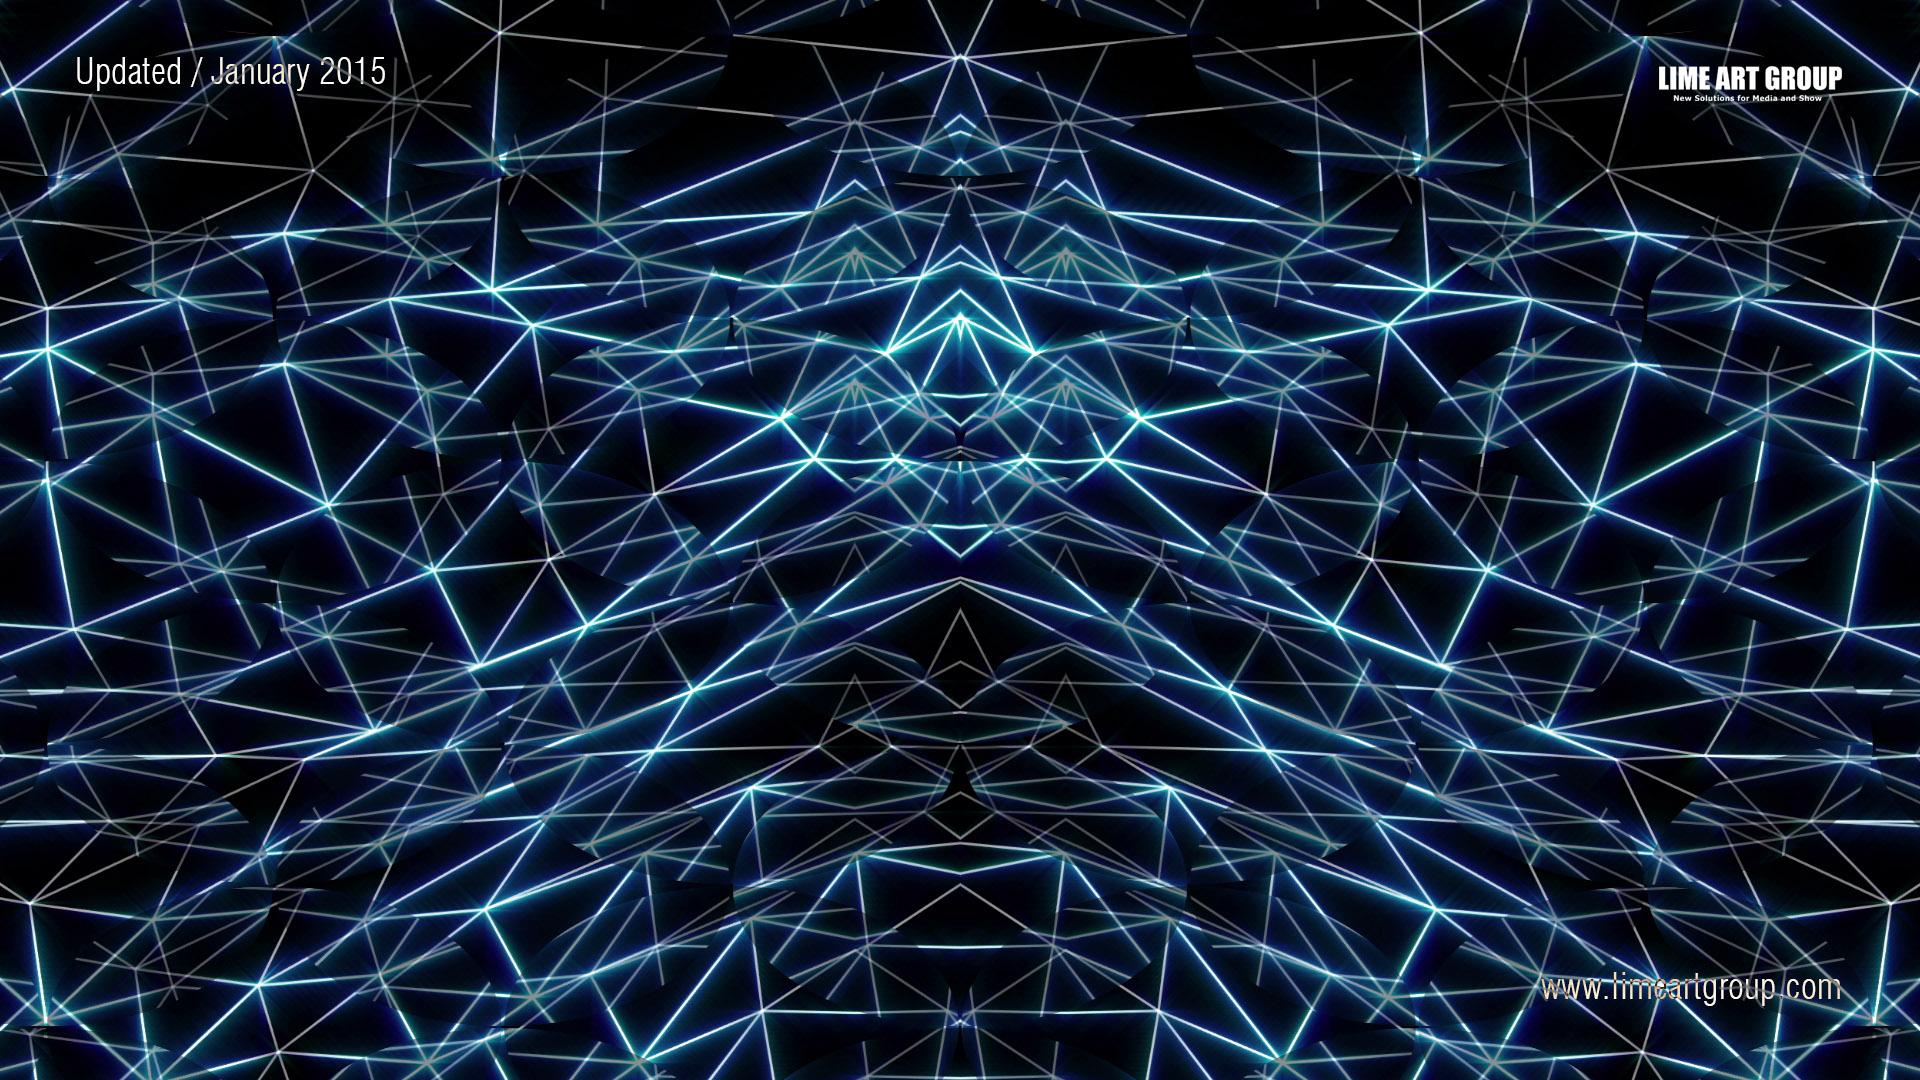 Smart Lines Vj loops video loops 22